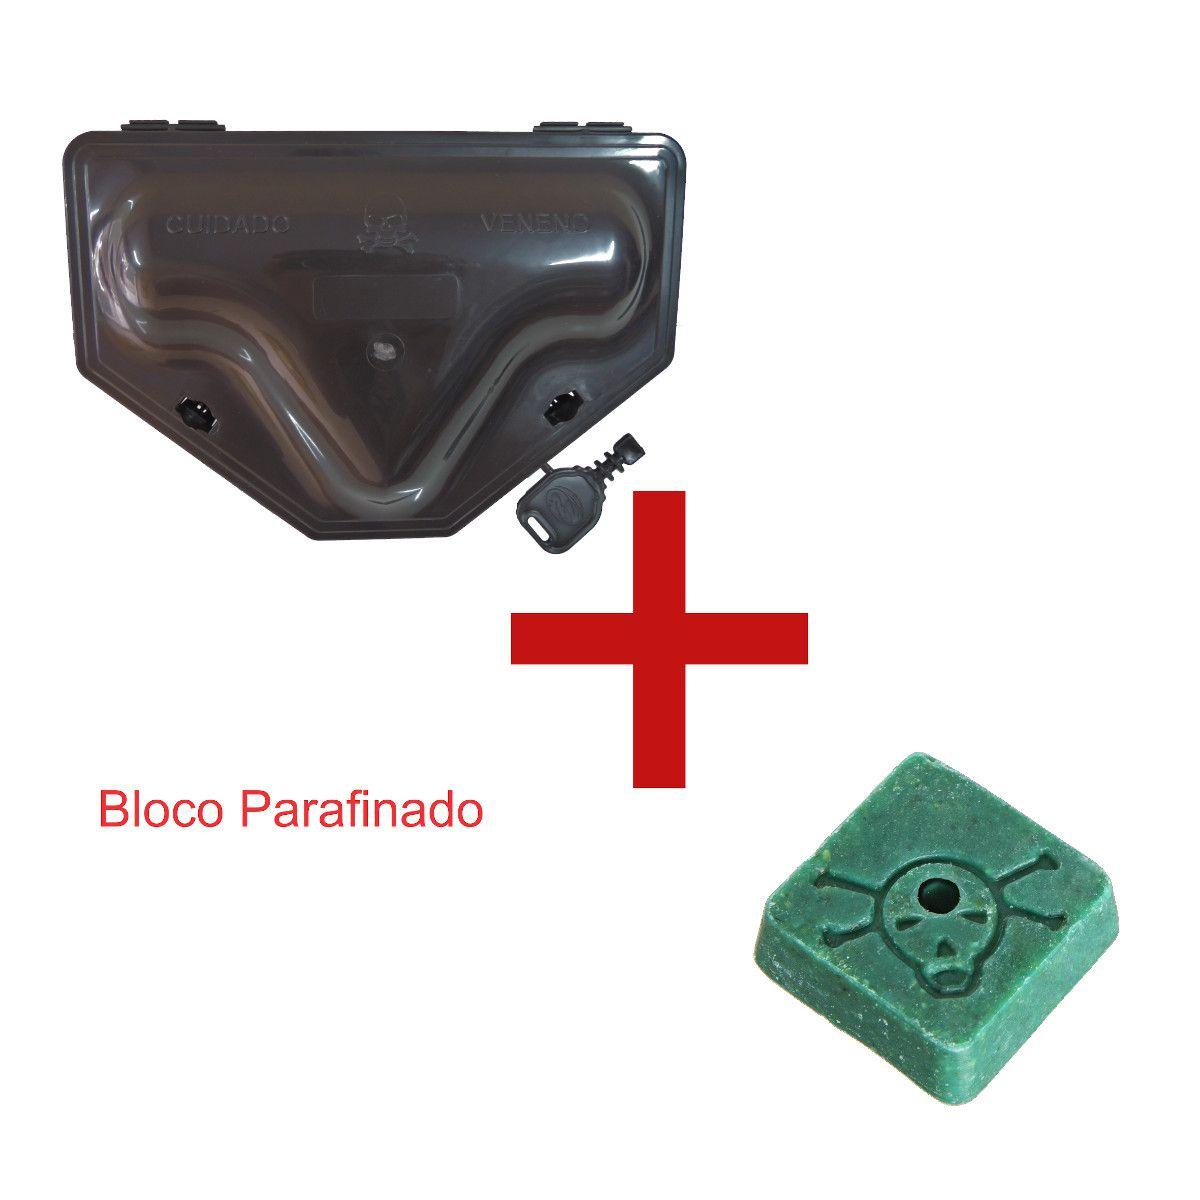 47 Porta Iscas C/ Duplo Travamento + 47 Bloco Parafinado